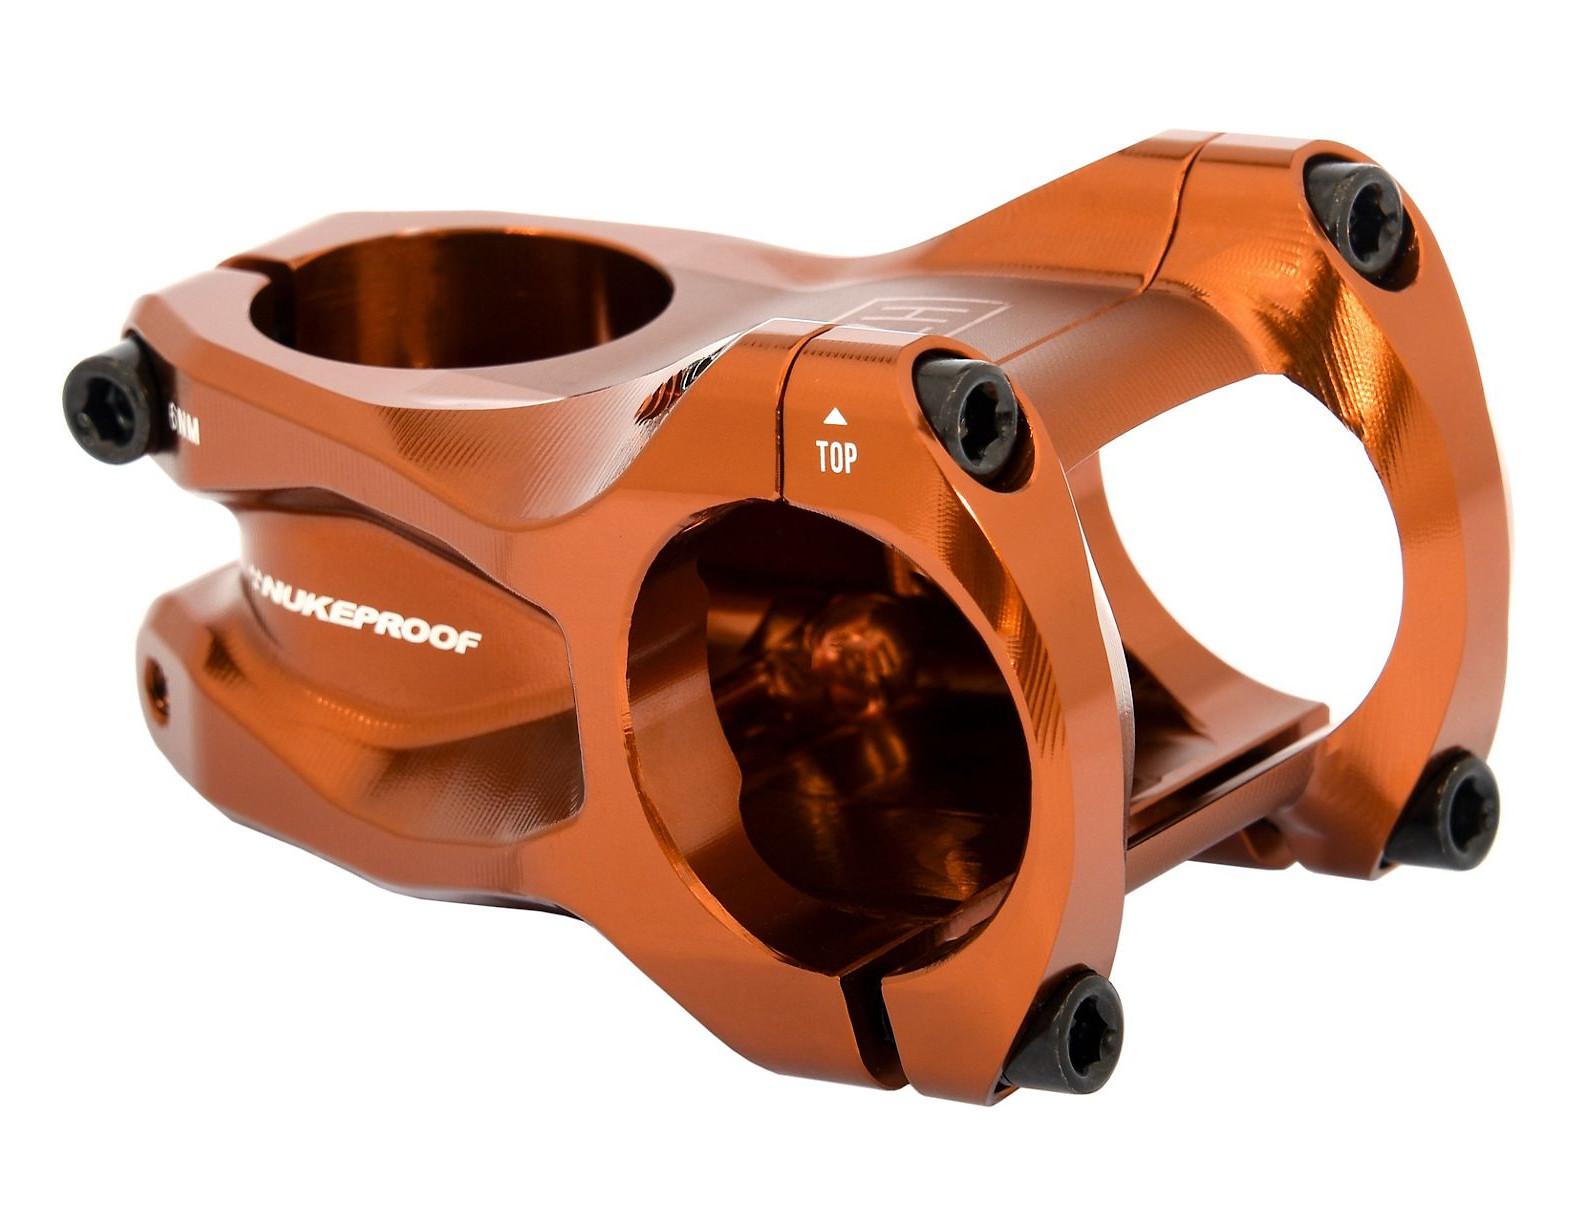 Nukeproof Horizon Stem (orange)